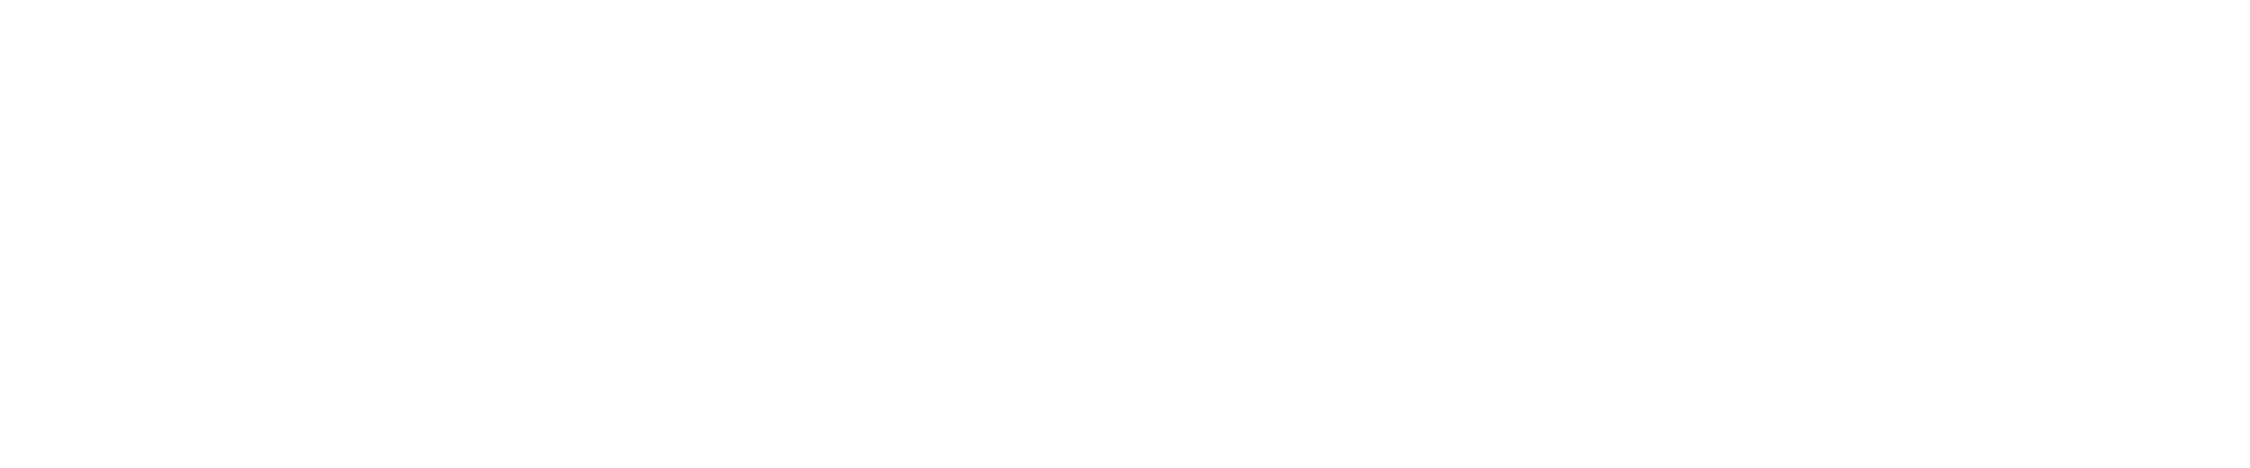 Job Page Logo White